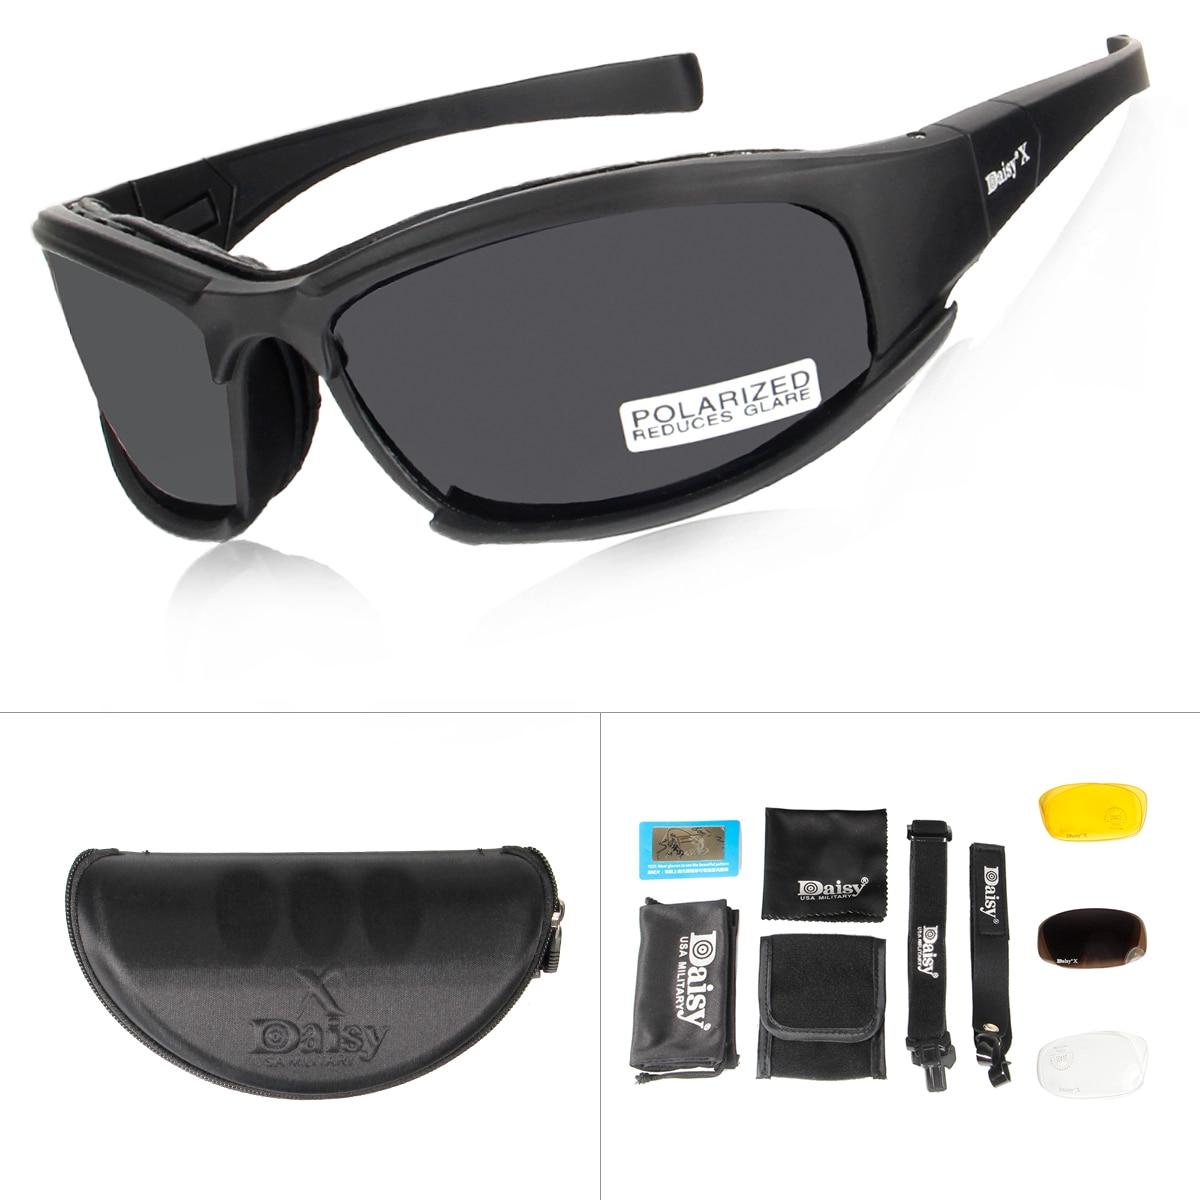 Daisy X7 camuflaje gafas 4LS militar los hombres gafas de sol polarizadas bala prueba Airsoft tiro de la motocicleta gafas de ciclismo